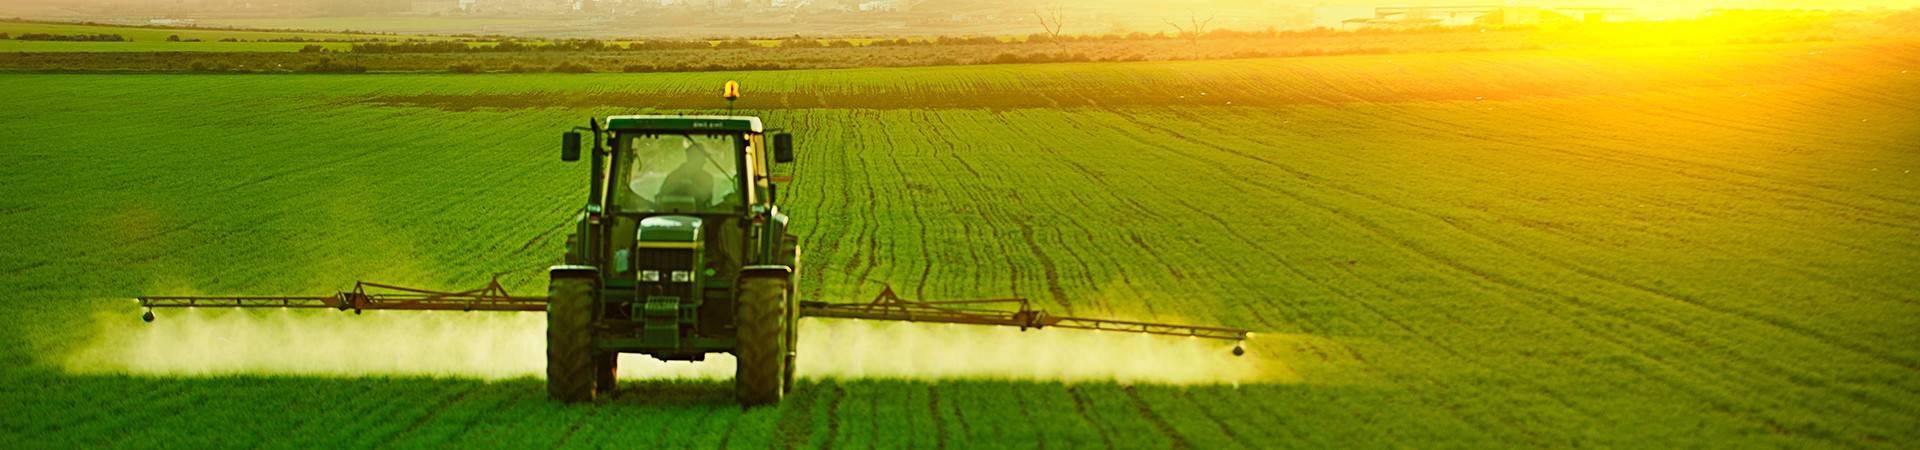 Տոկոսադրույքների սուբսիդավորմամբ գյուղատնտեսական վարկեր